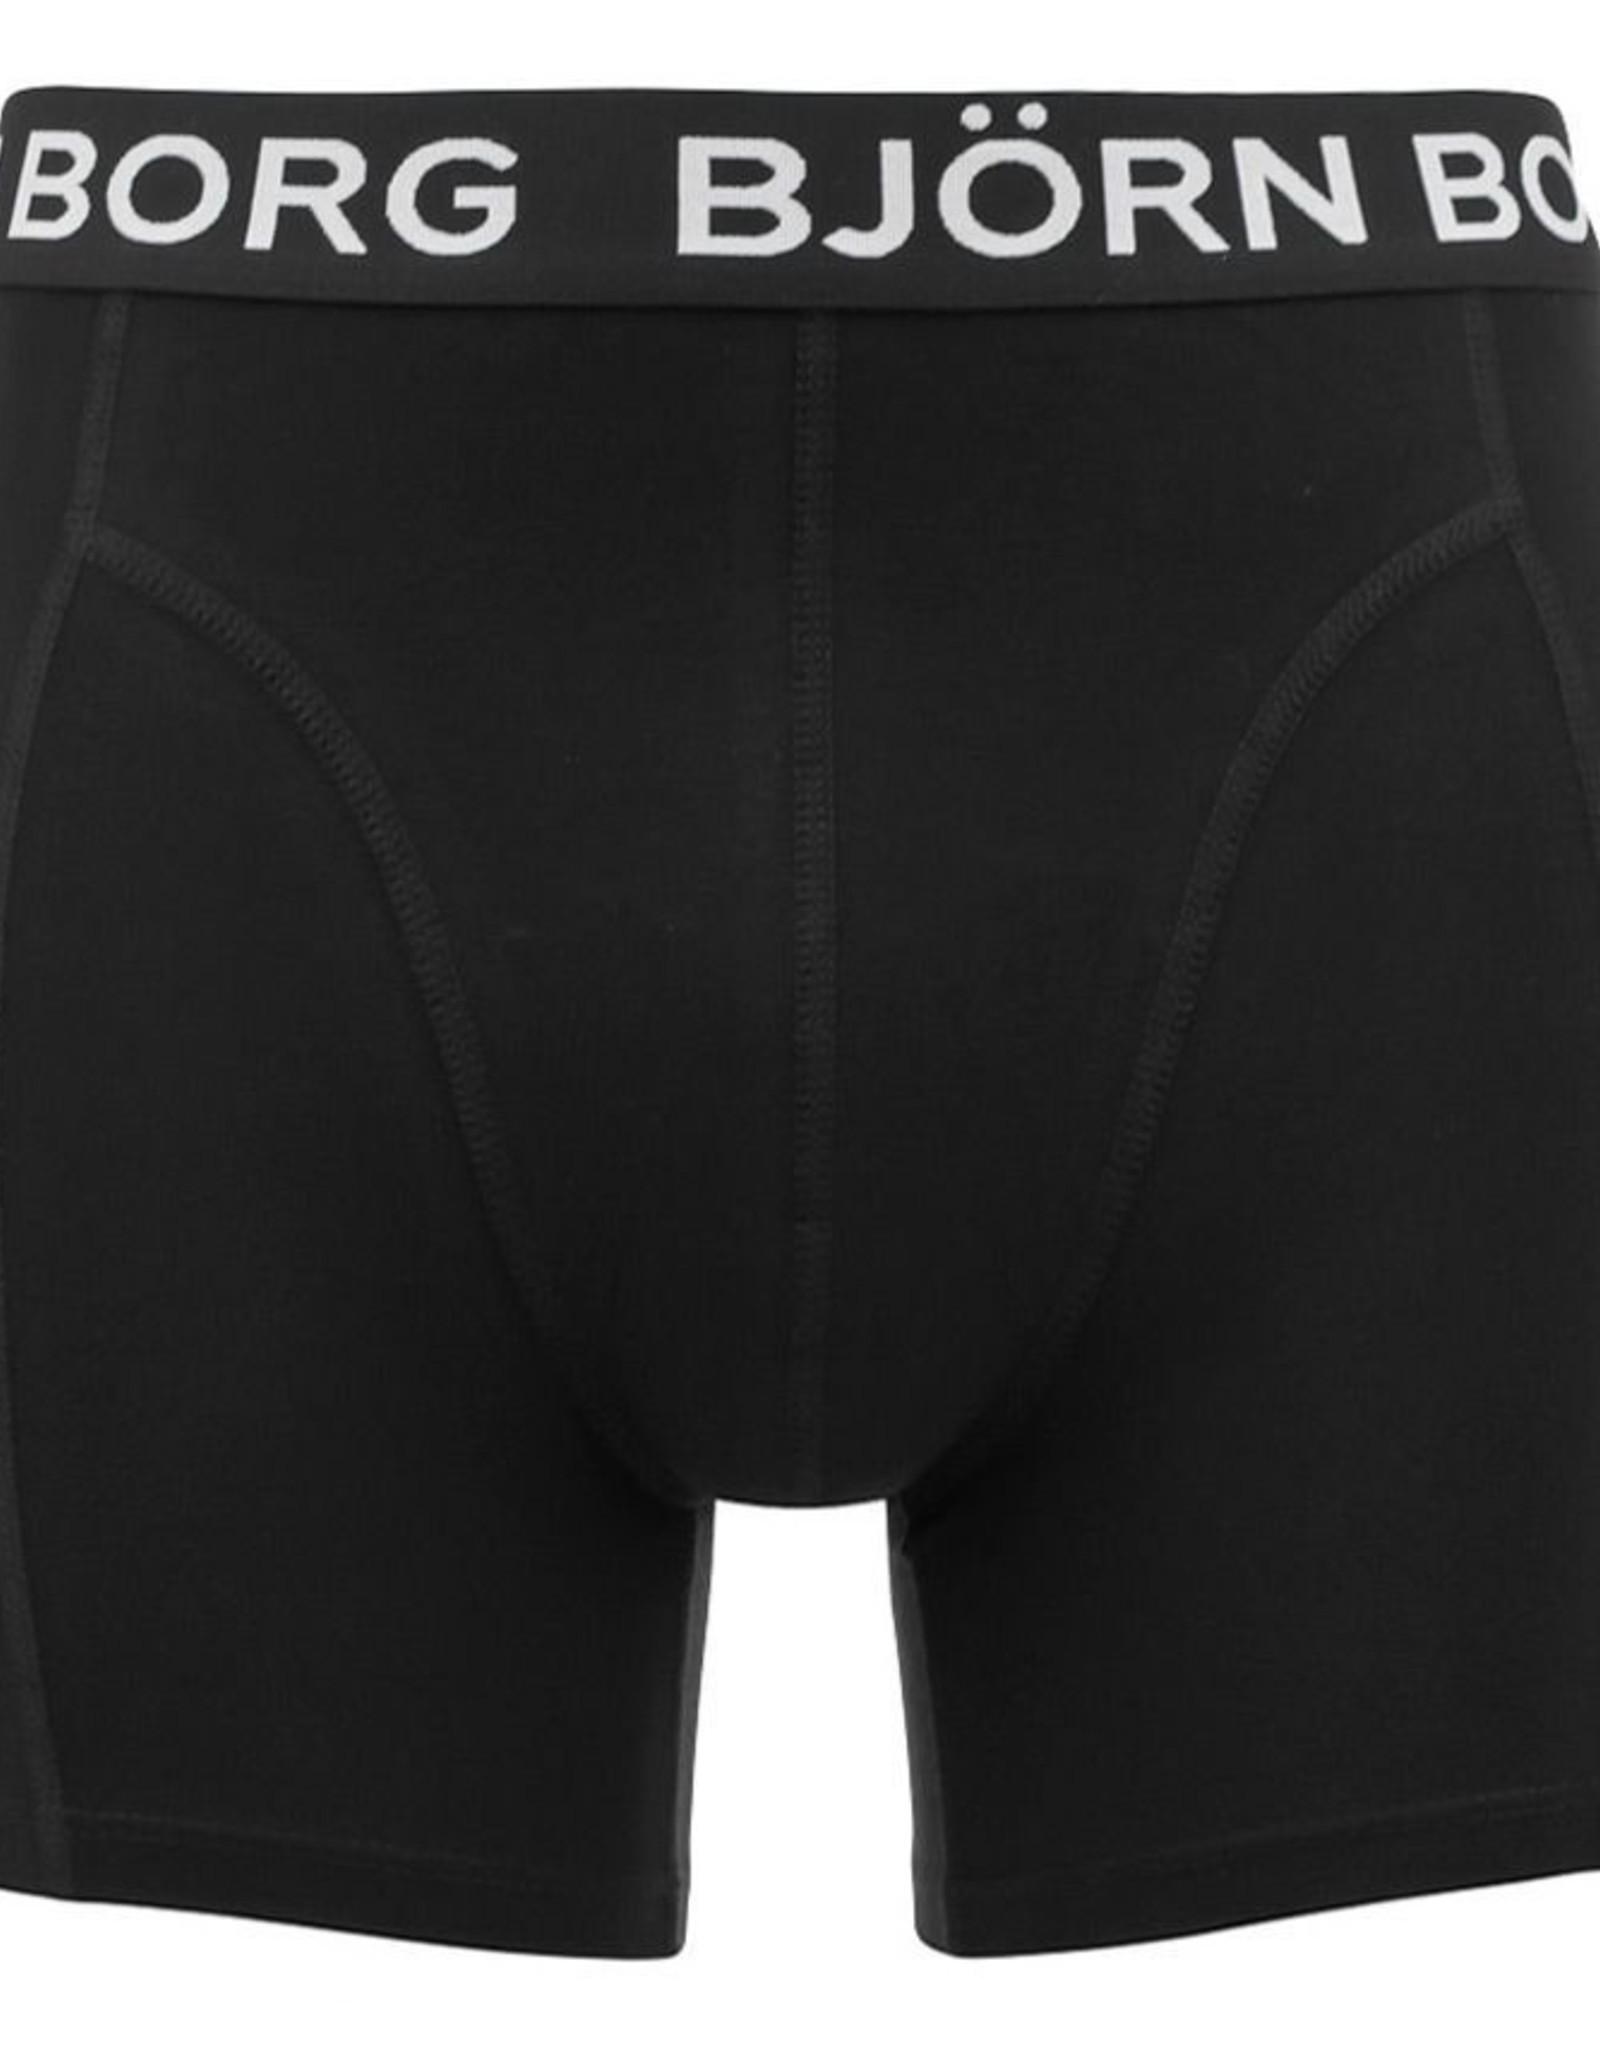 Bjorn Borg Boxershorts XOXO